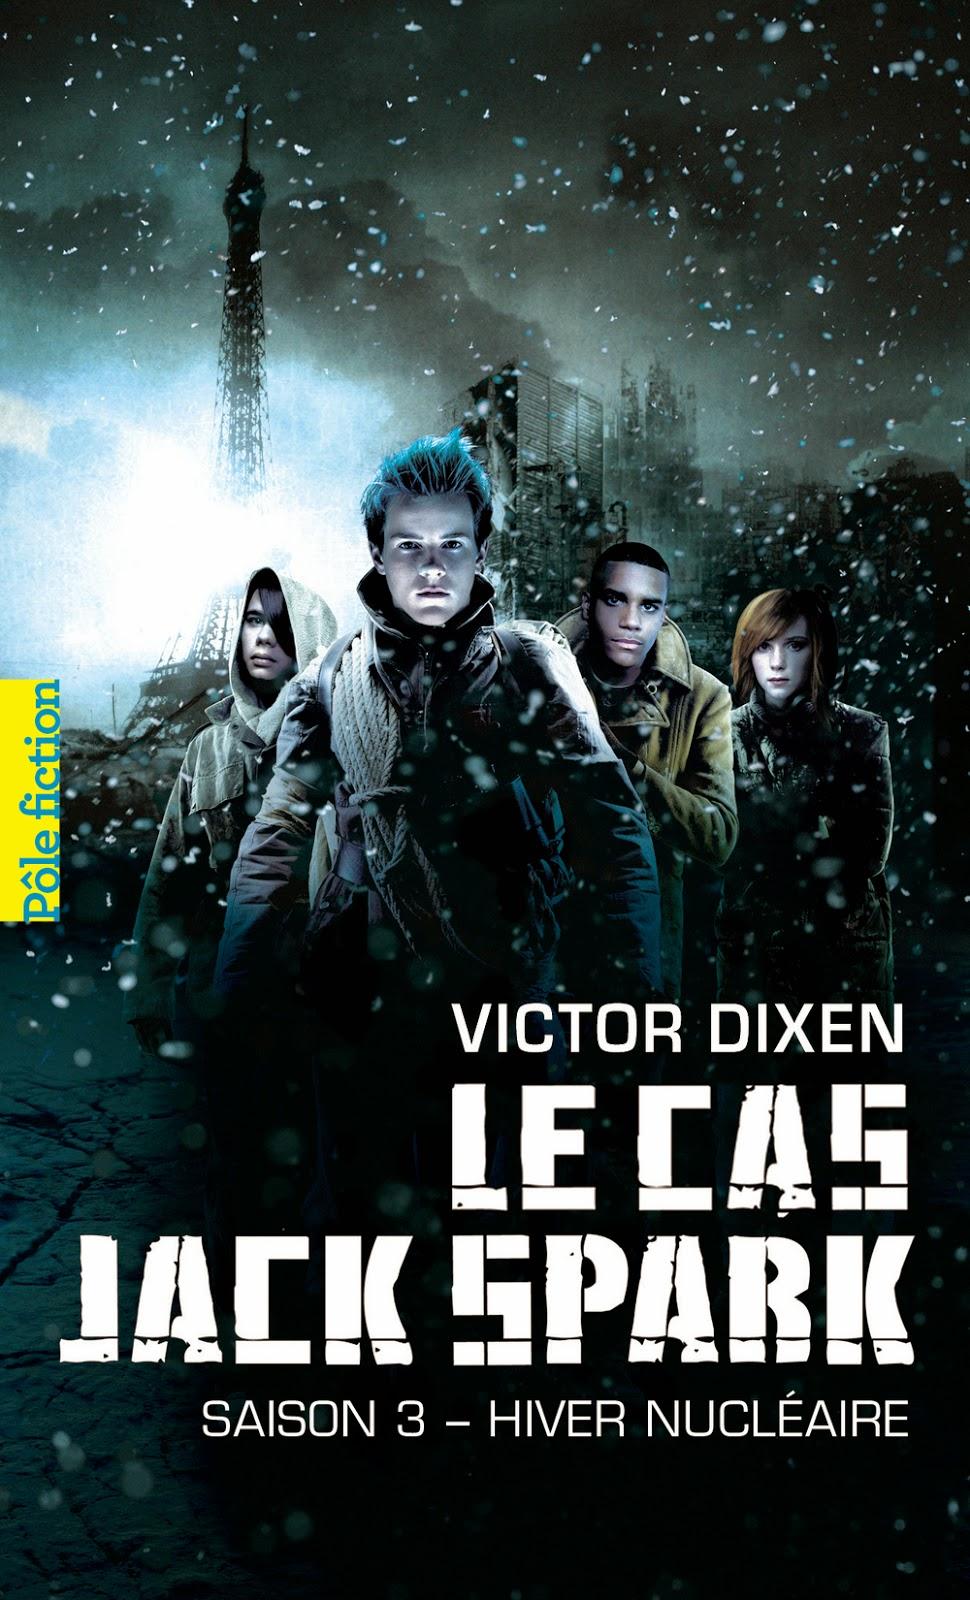 http://bouquinsenfolie.blogspot.fr/2012/09/chronique-le-cas-jack-spark-saison-3.html